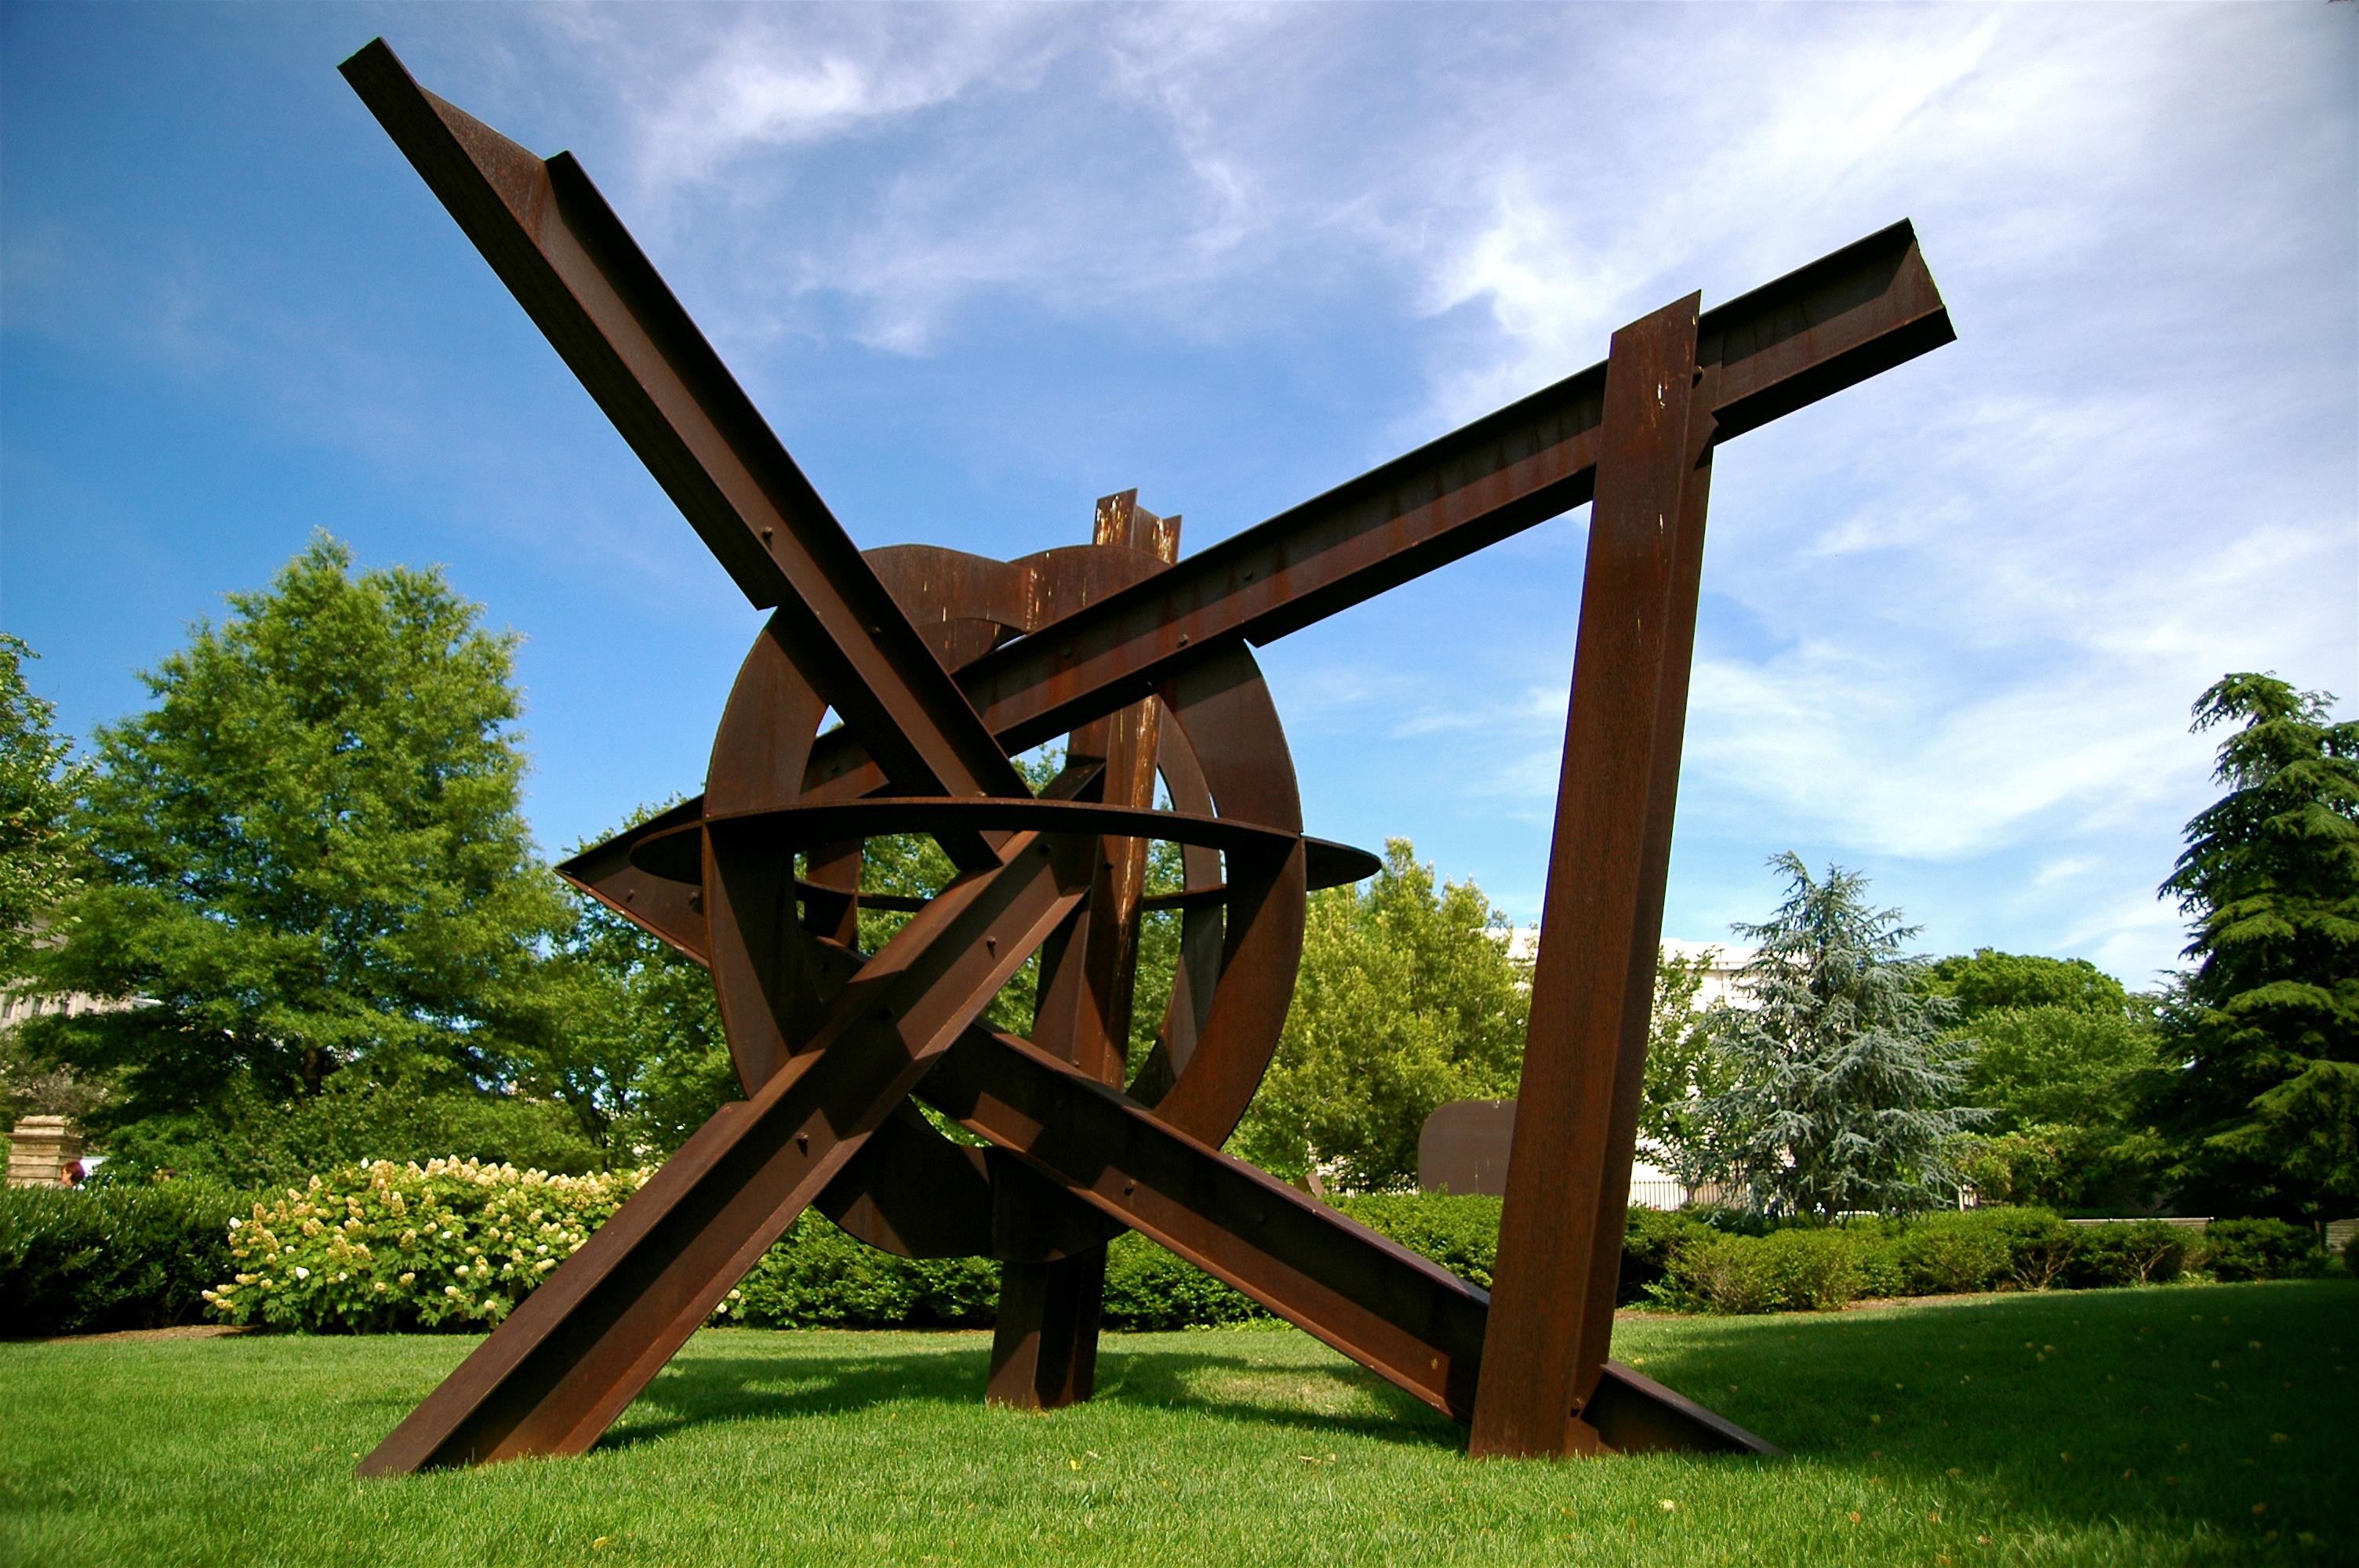 Jard n de esculturas de la galer a nacional de arte for Esculturas en jardines